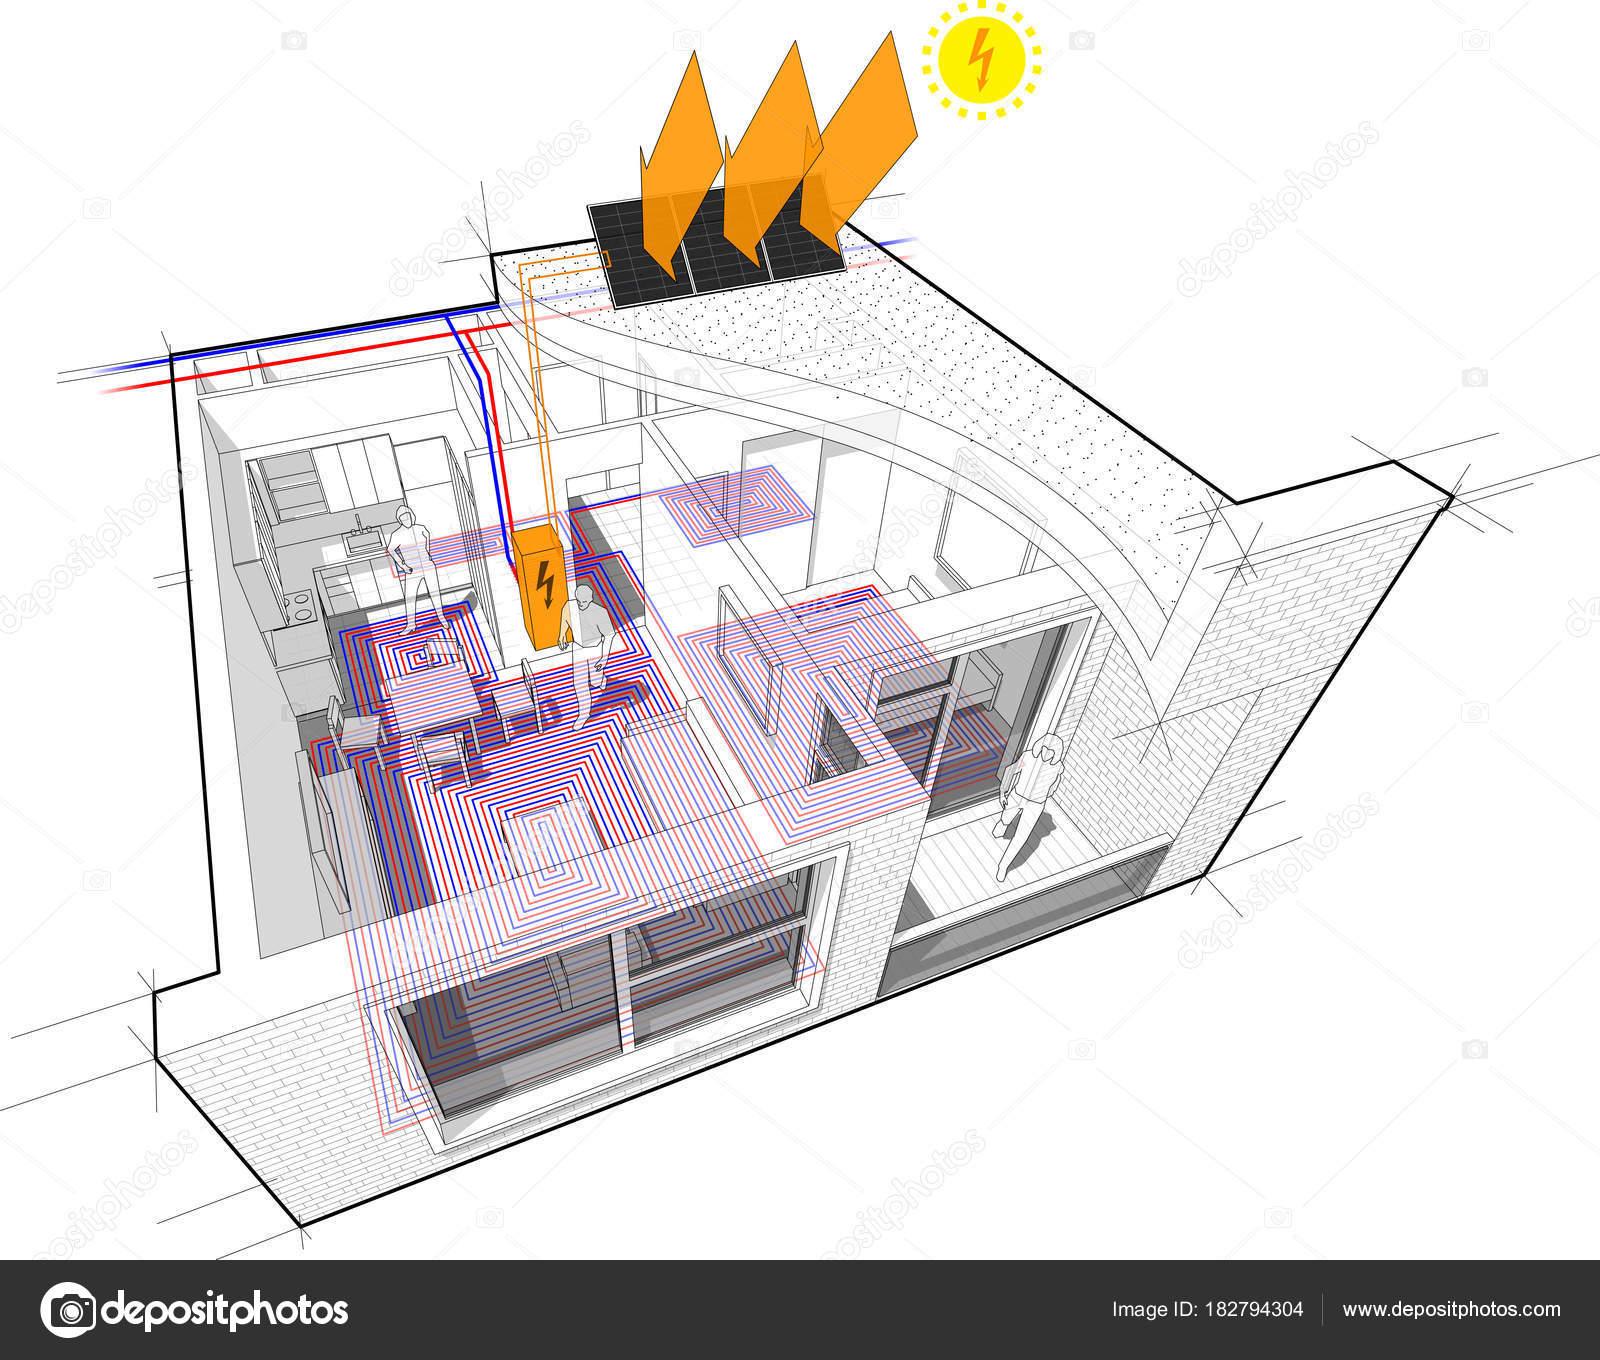 Perspektivischen Cutaway Diagramm Einer Einzimmer Wohnung Komplett ...